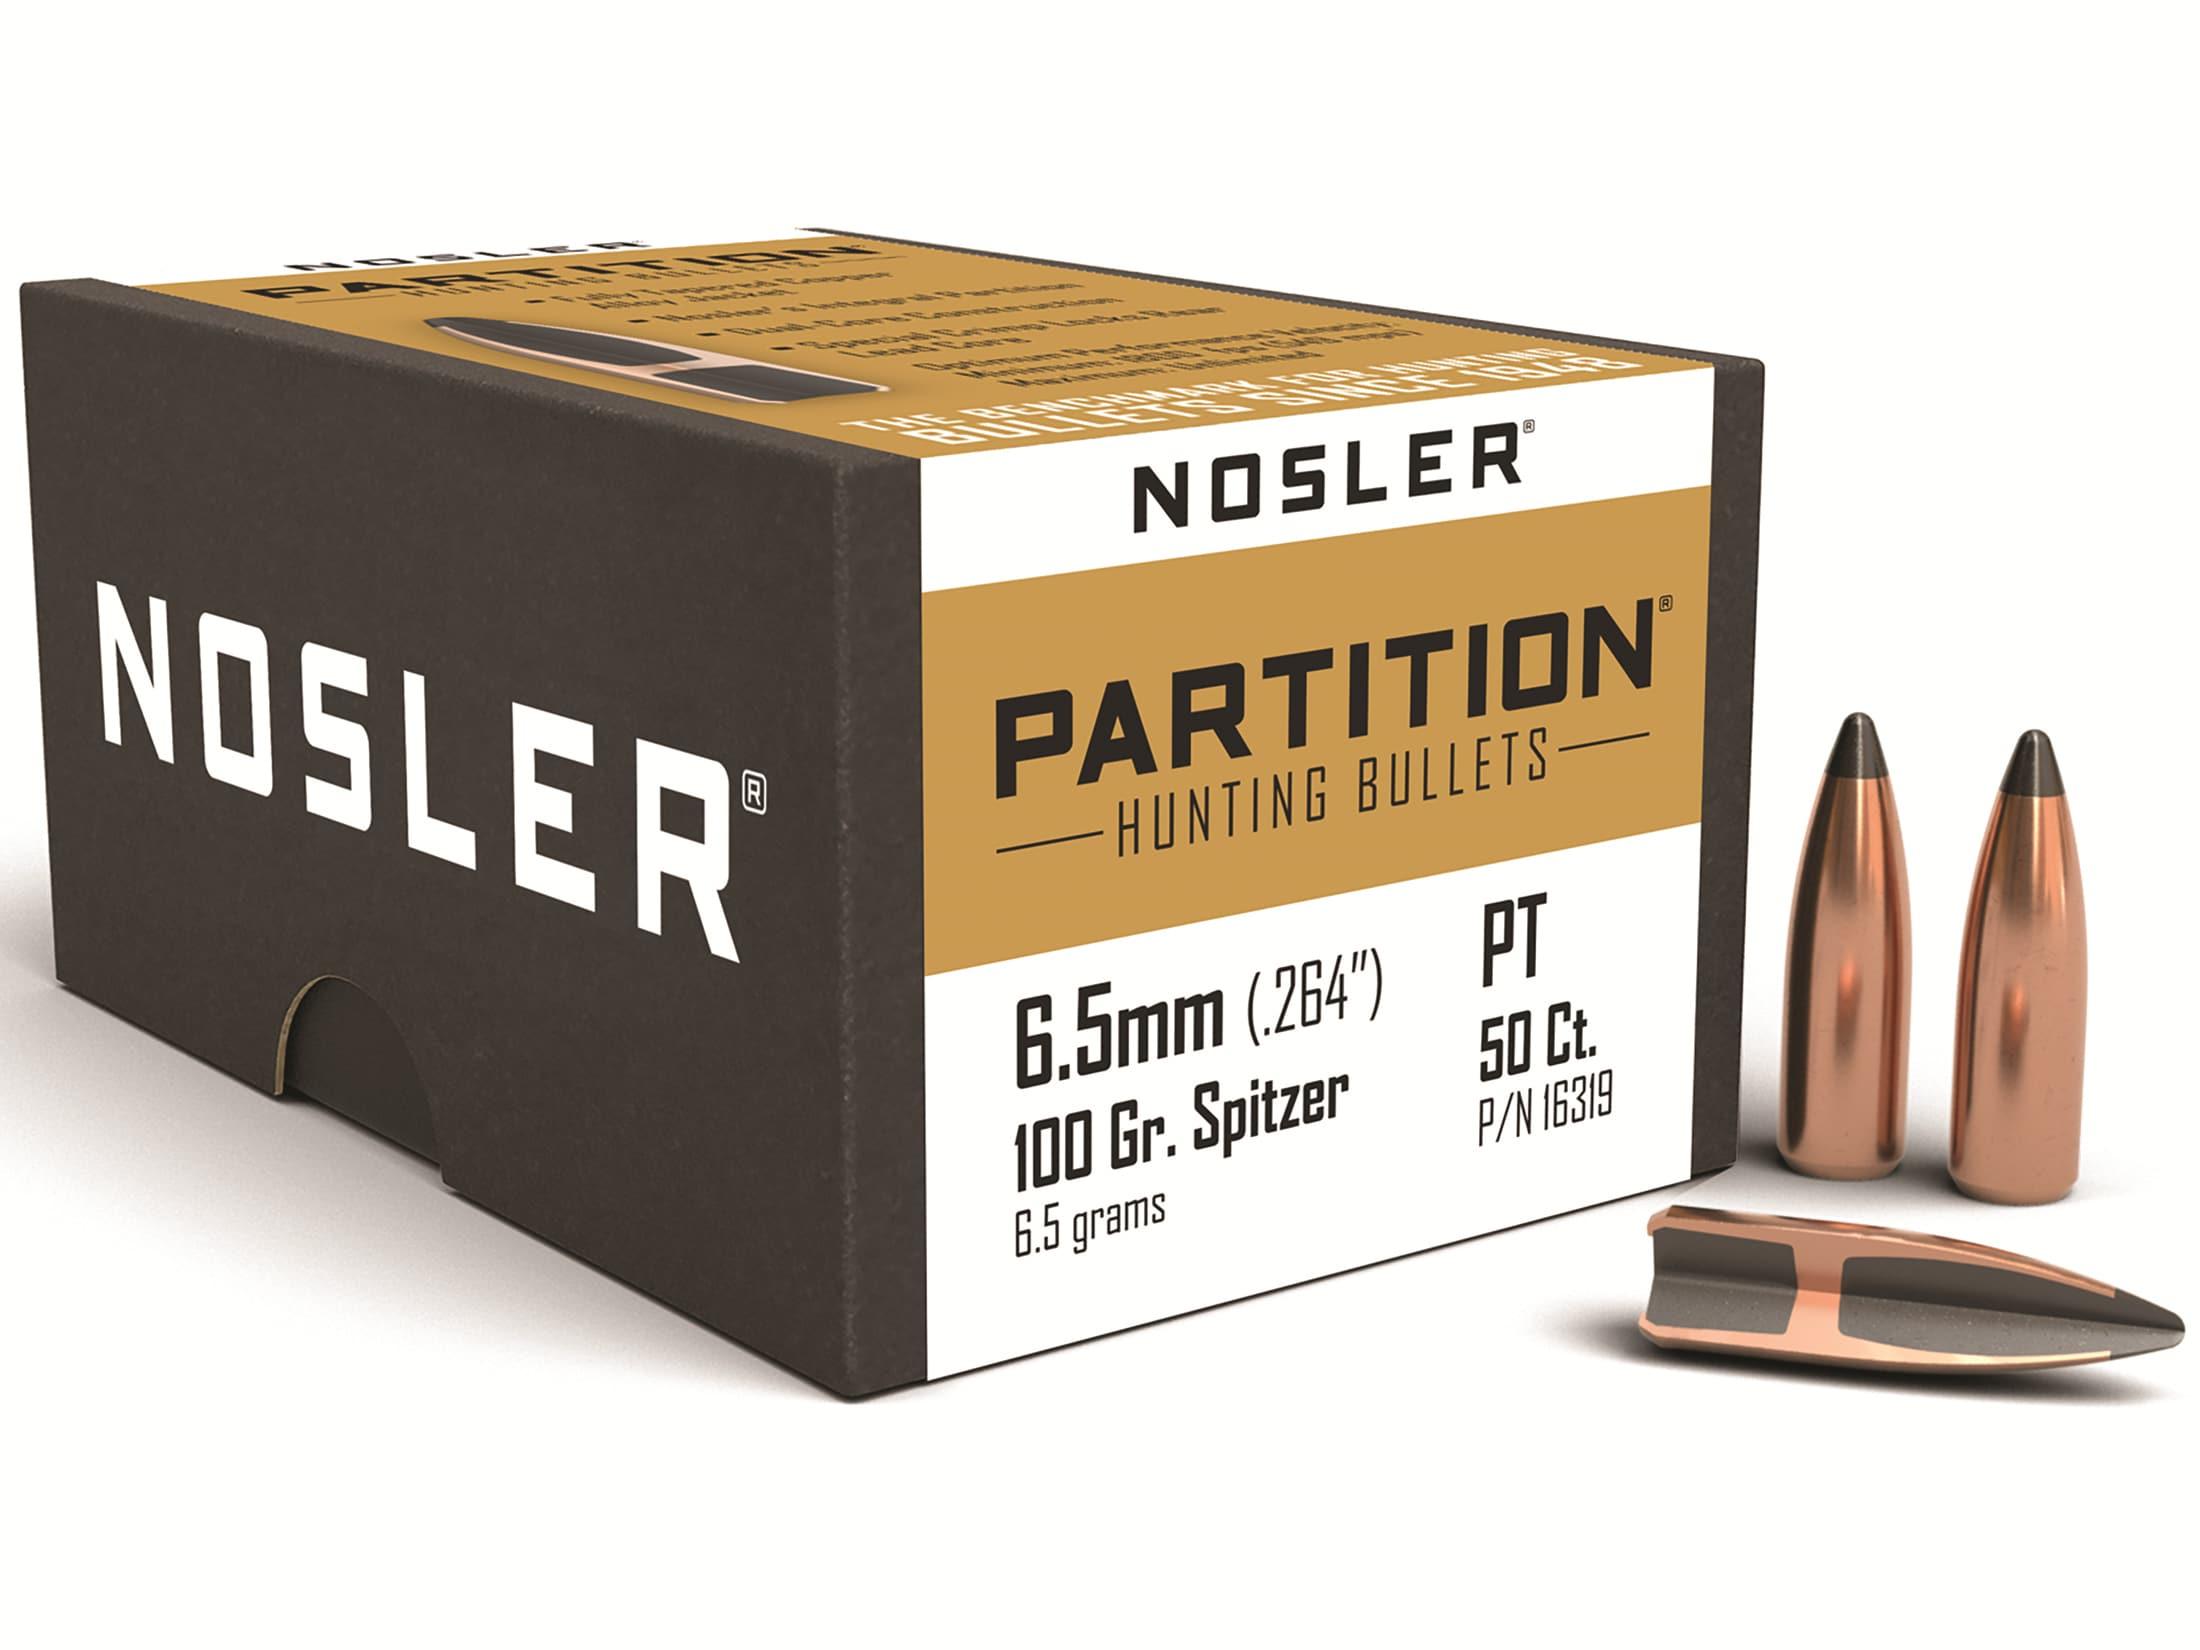 Nosler Partition Bullets 264 Cal 6 5mm (264 Diameter) 100 Grain